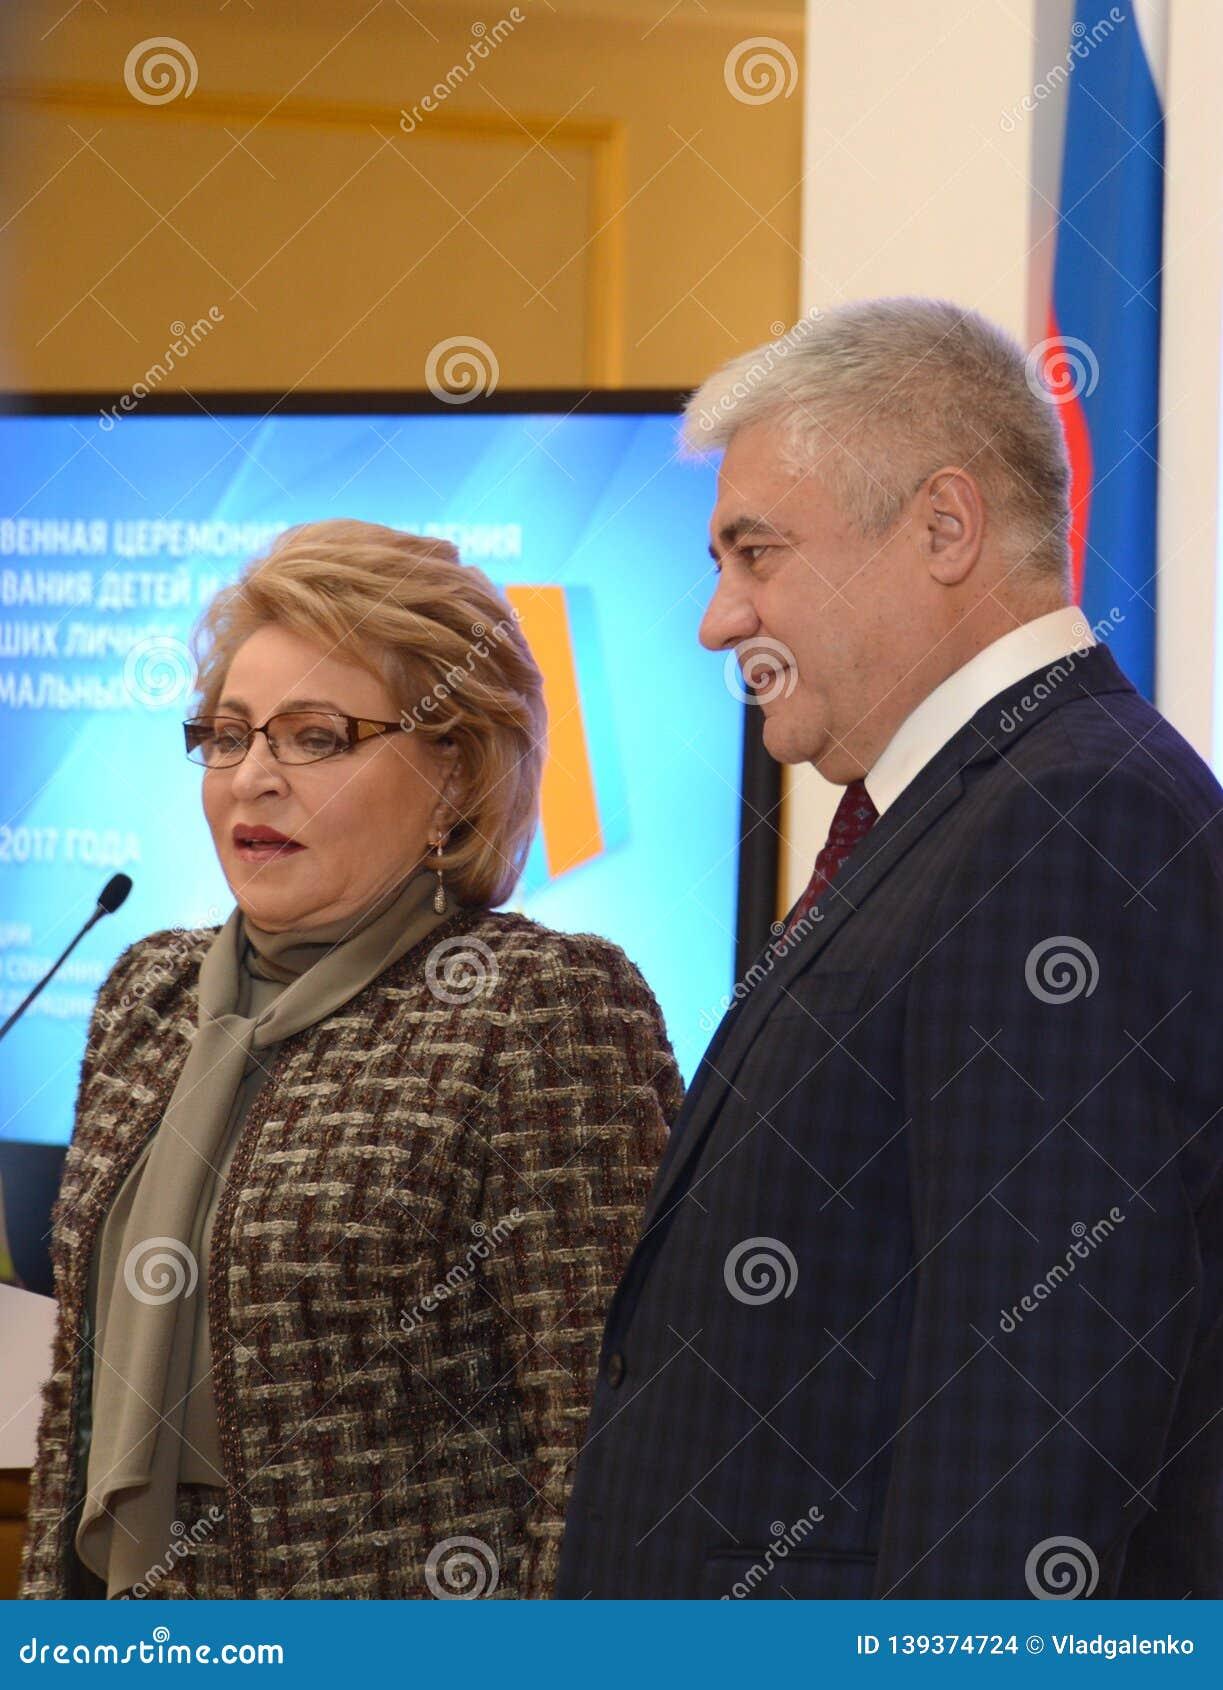 Πρόεδρος του Συμβουλίου ομοσπονδίας του ομοσπονδιακού Υπουργού της Valentina Matvienko συνελεύσεων των εσωτερικών θεμάτων Βλαντιμ